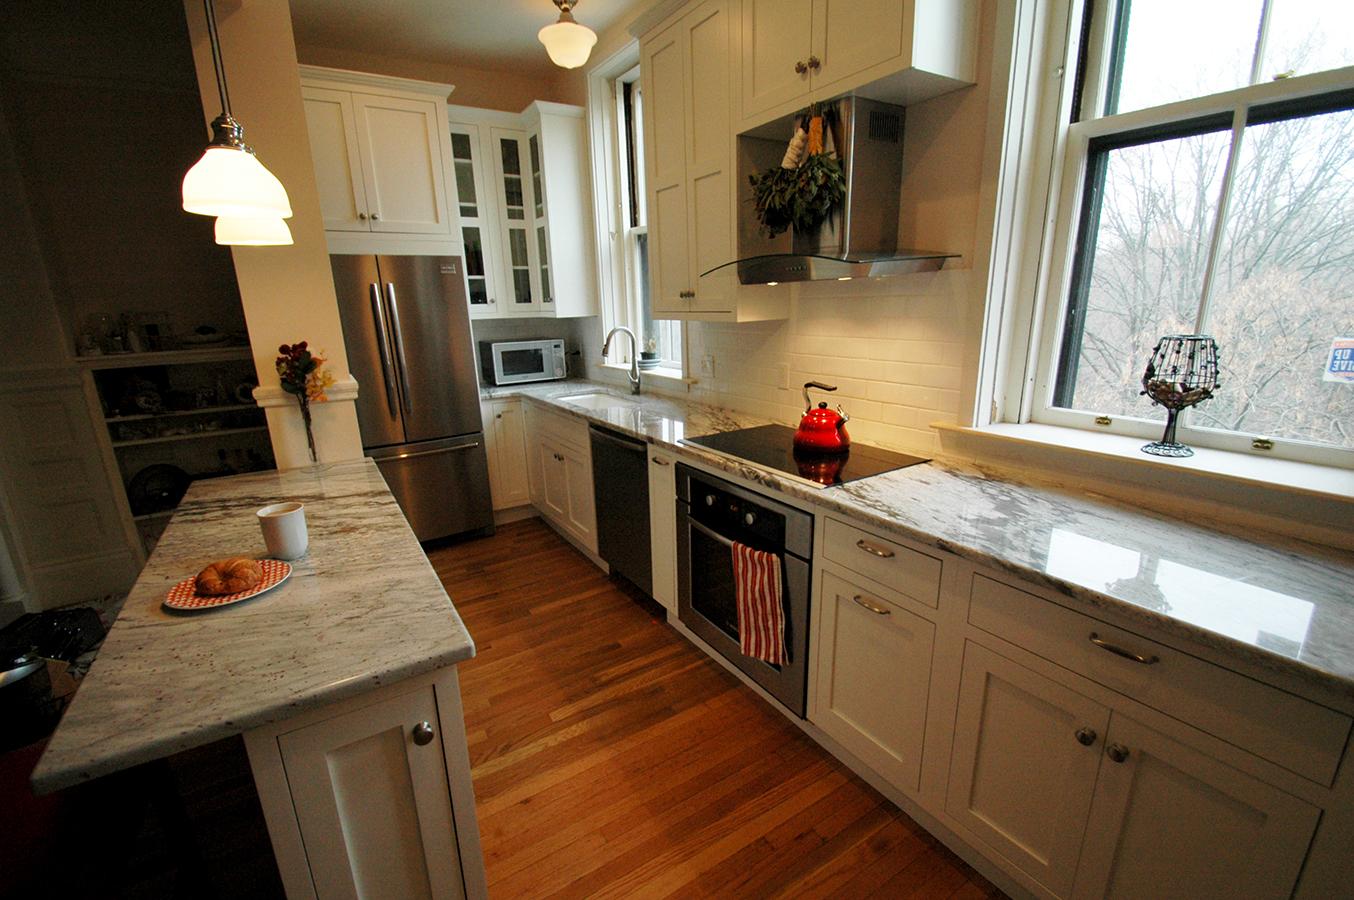 kitchen remodel brookline galley kitchen remodels brookline kitchen remodel whole kitchen small